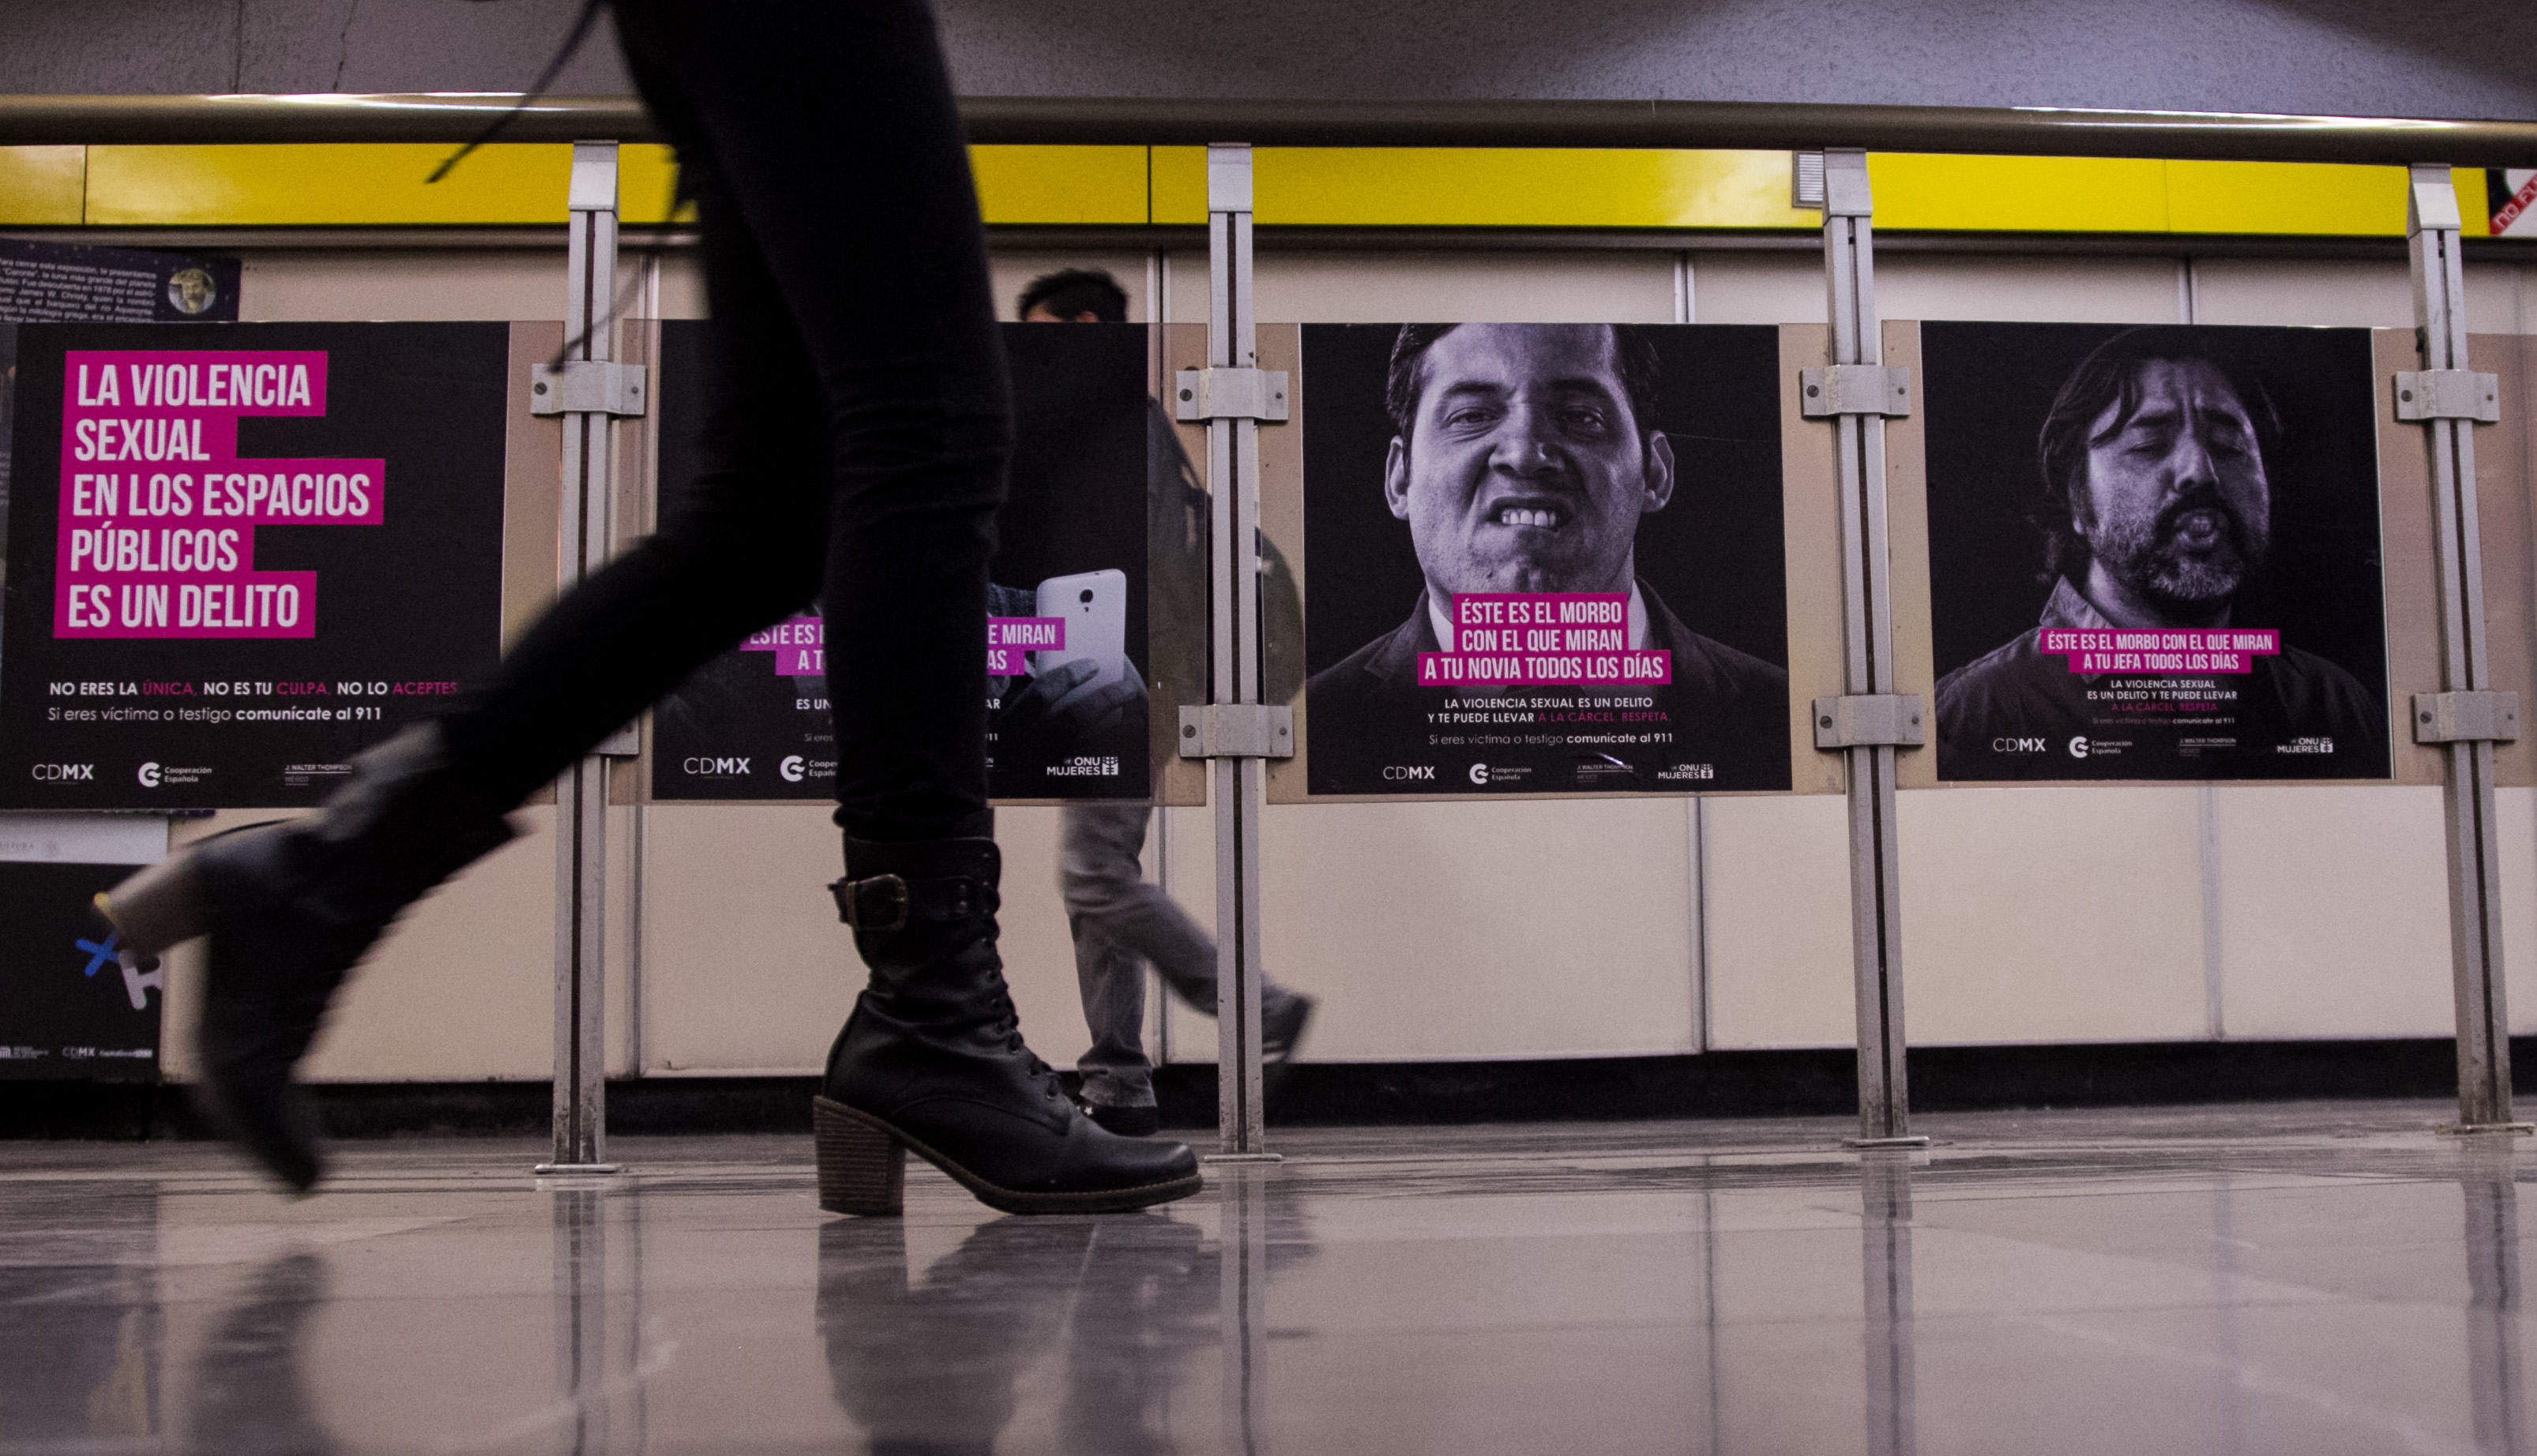 Hasta ahora van 105 reportes de mujeres que han denunciado intento de secuestro en el metro (Foto: Galo Cañas/ Cuartoscuro)